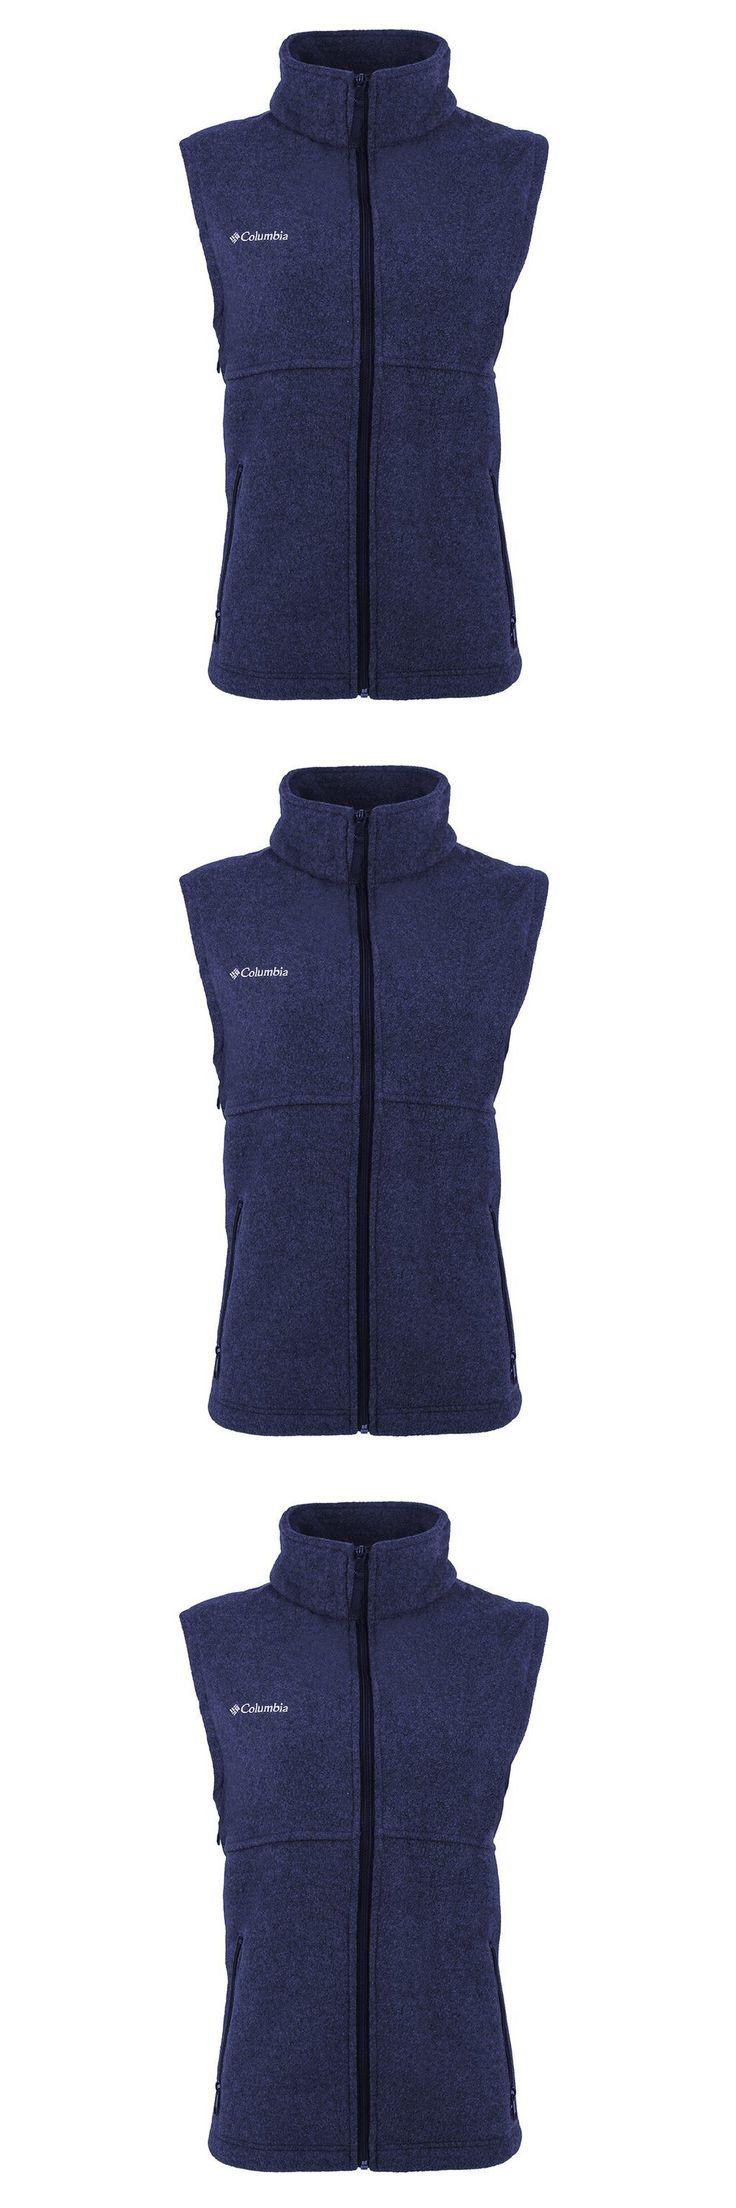 Vests venture heat women s battery heated fleece vest winter